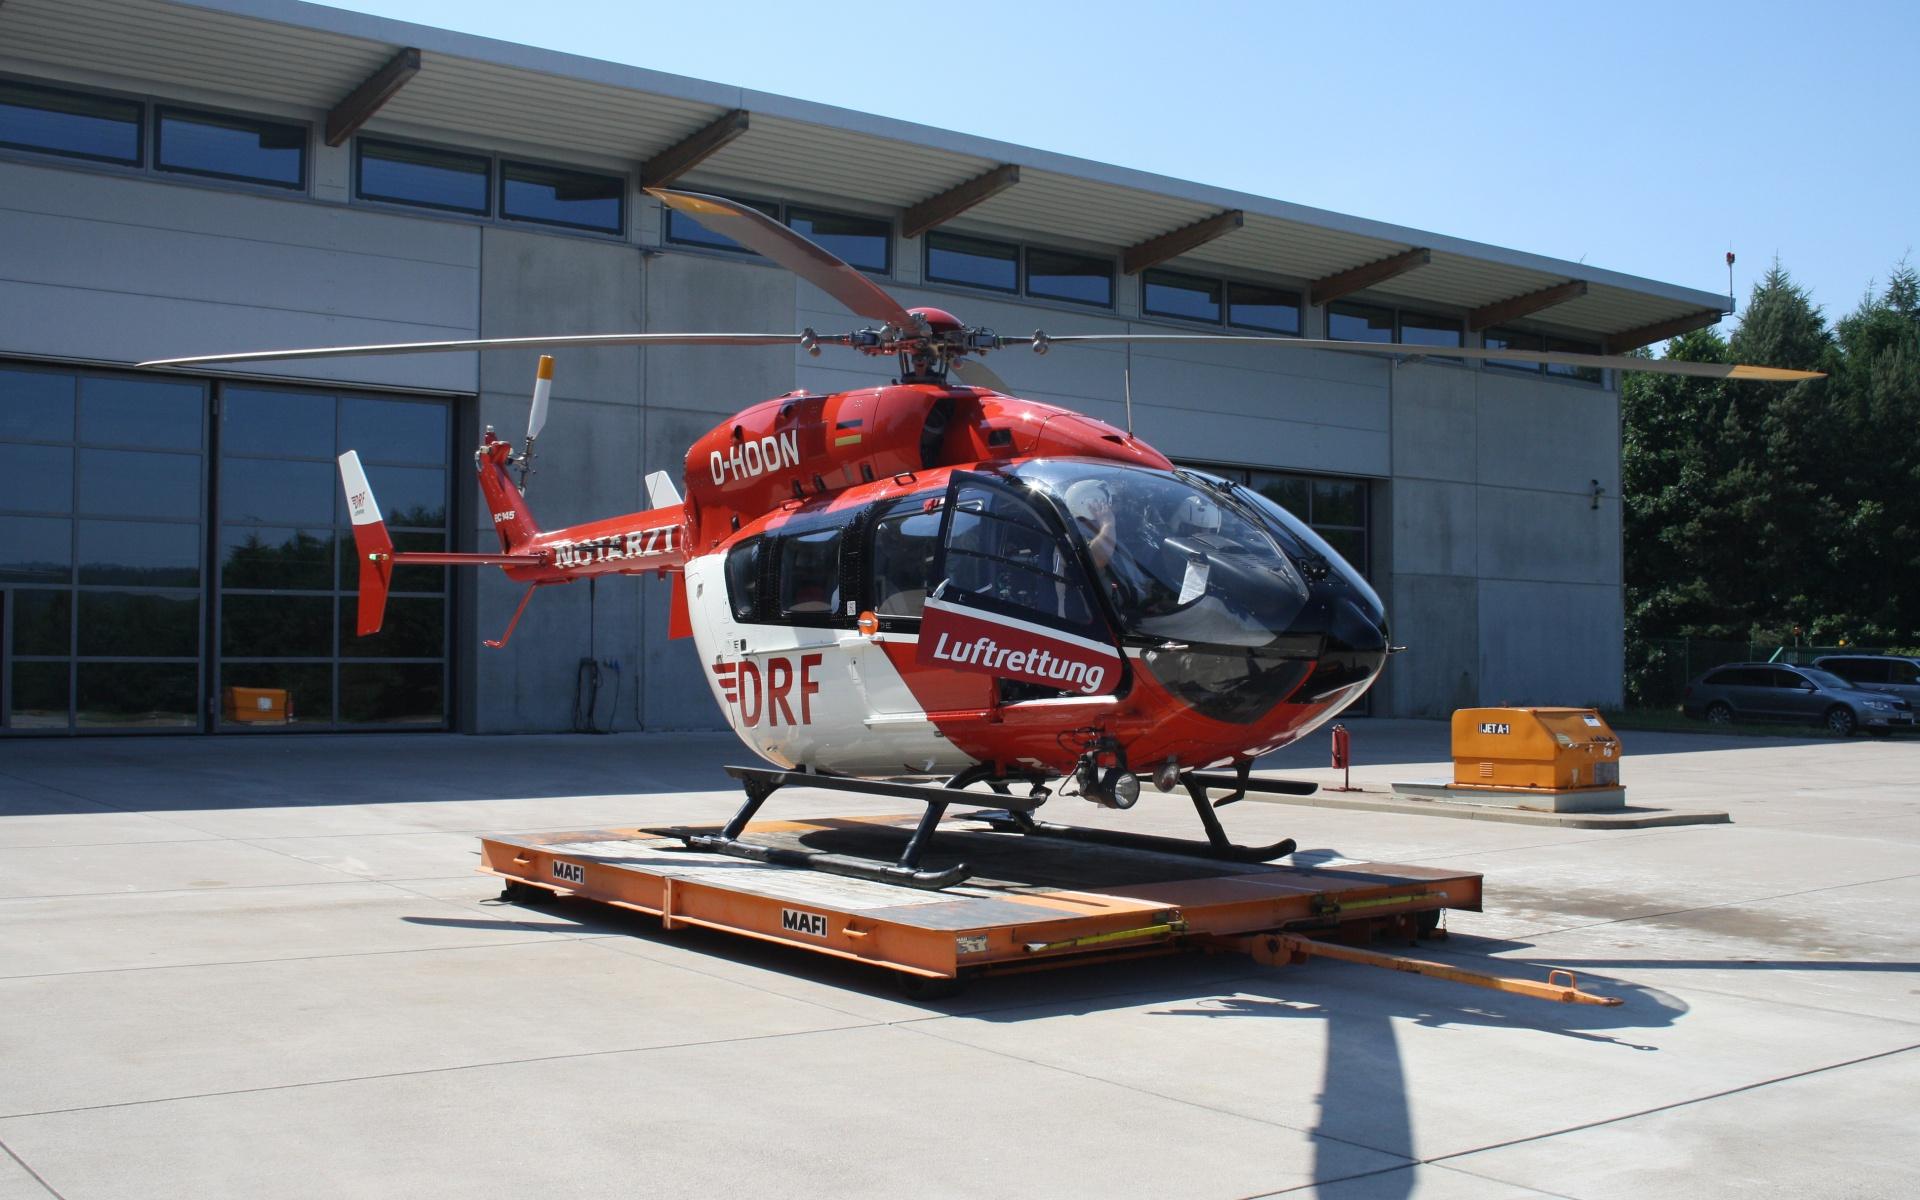 Die Hubschrauber der DRF Luftrettung werden immer wieder zu Unfällen mit Pferden alarmiert. Zwei an einem Tag wie kürzlich in Bad Berka sind jedoch ungewöhnlich. Symbolbild.